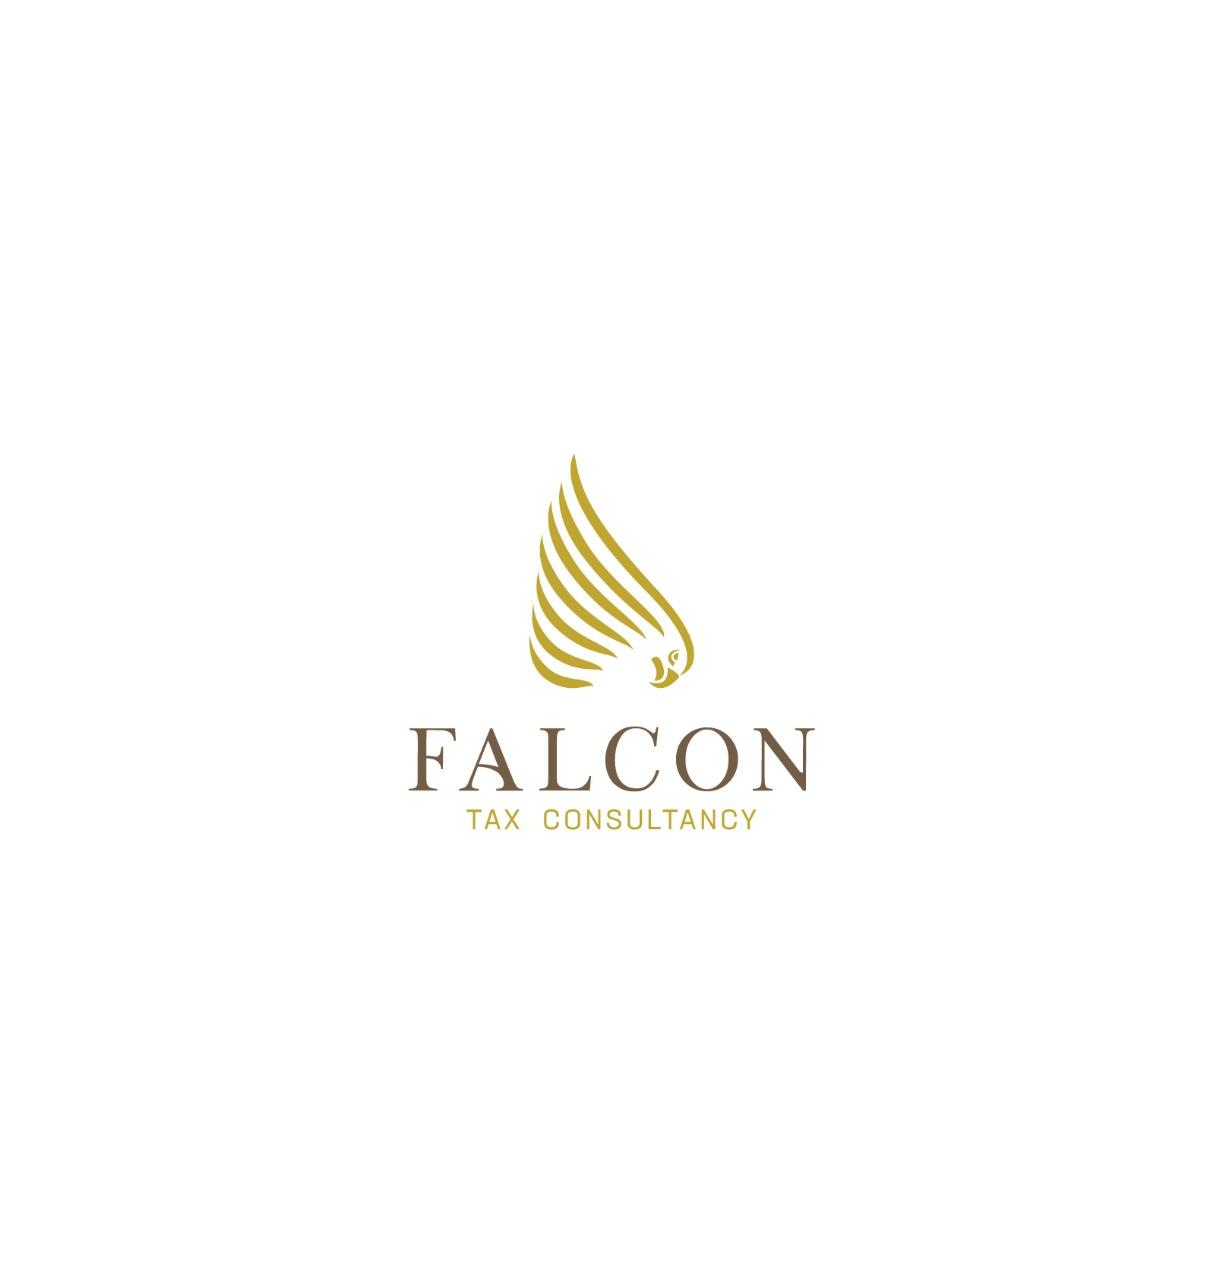 Falcon Tax Consultancy